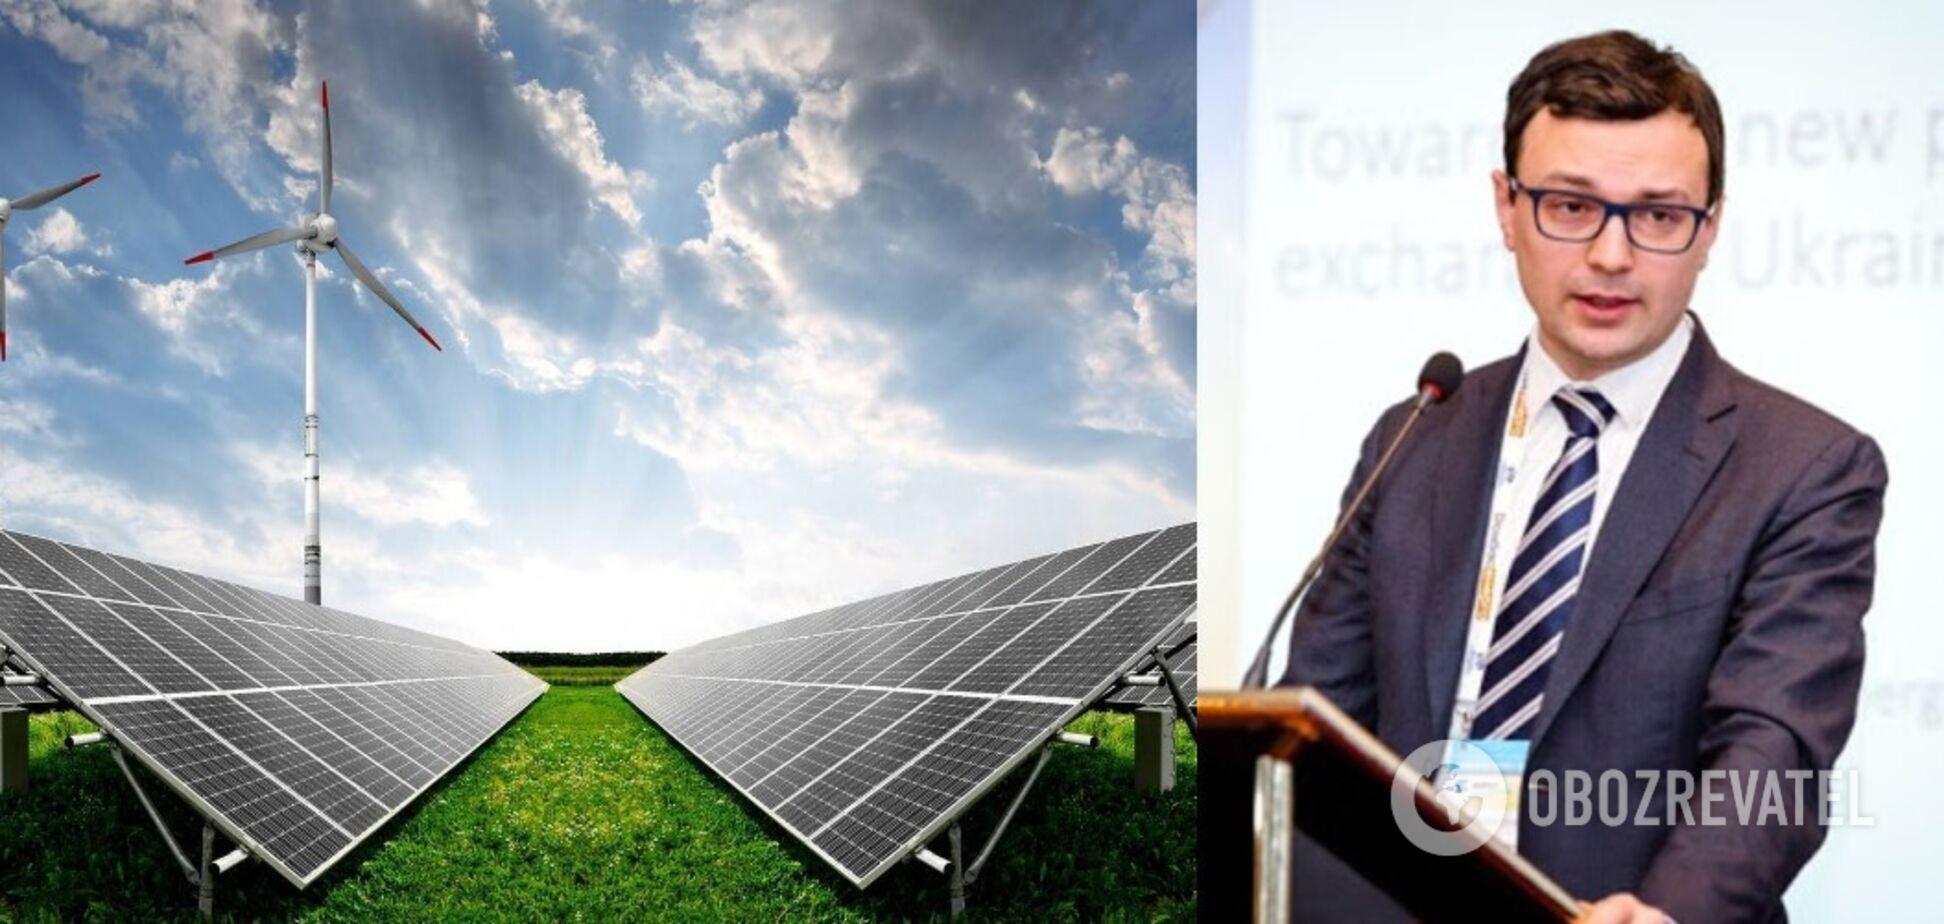 Возможное введение акциза в размере 3,2% на электроэнергию из возобновляемых источников снижает инвестиционную привлекательность Украины